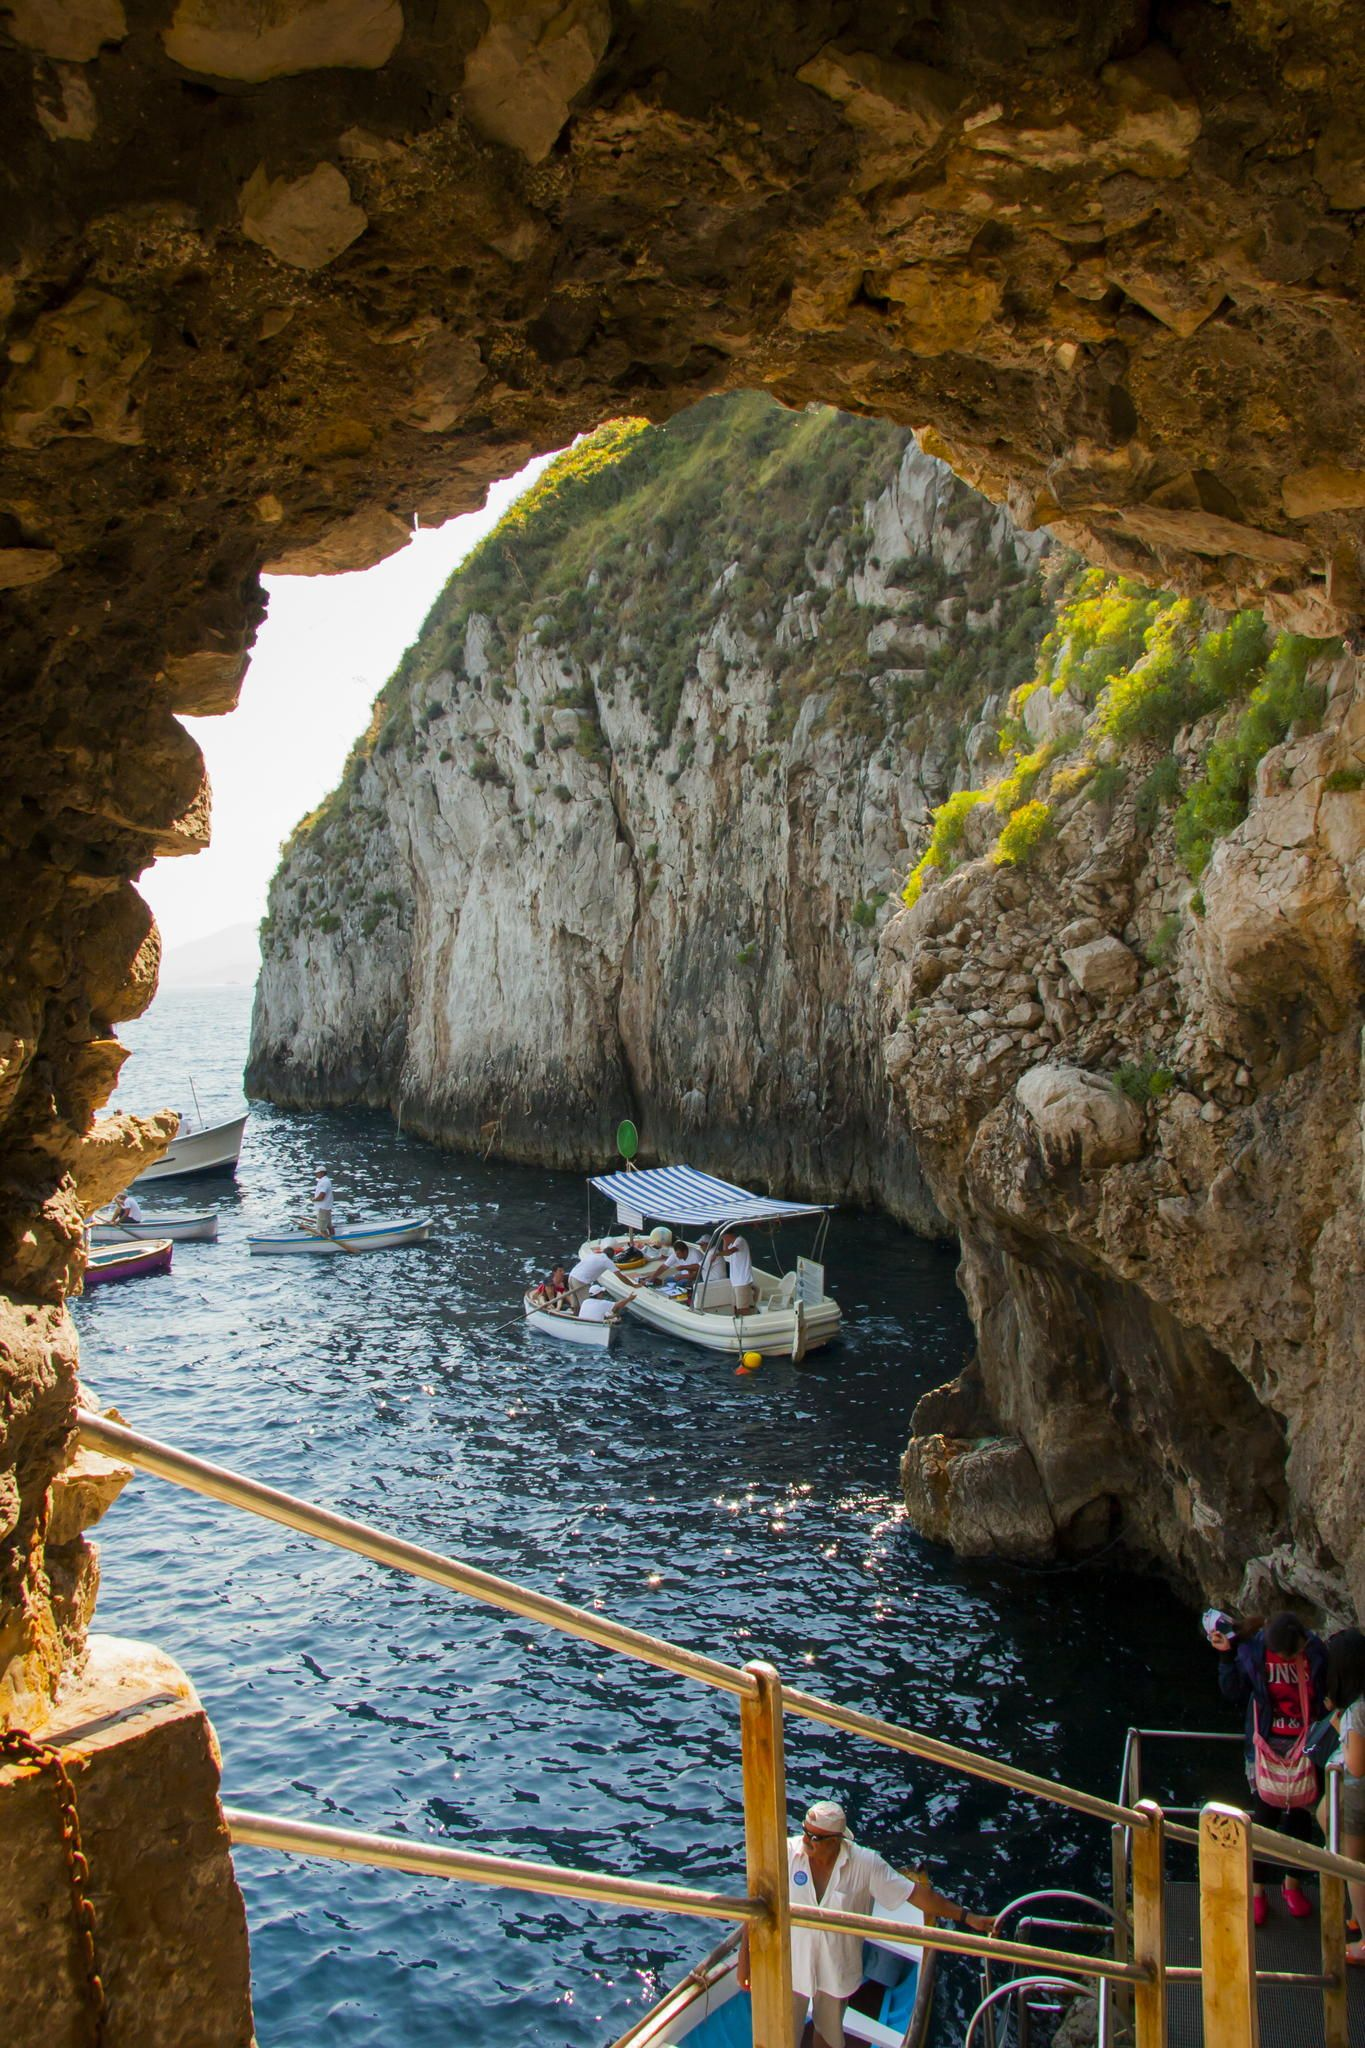 Entrada a la gruta azul Grotta Azzurra